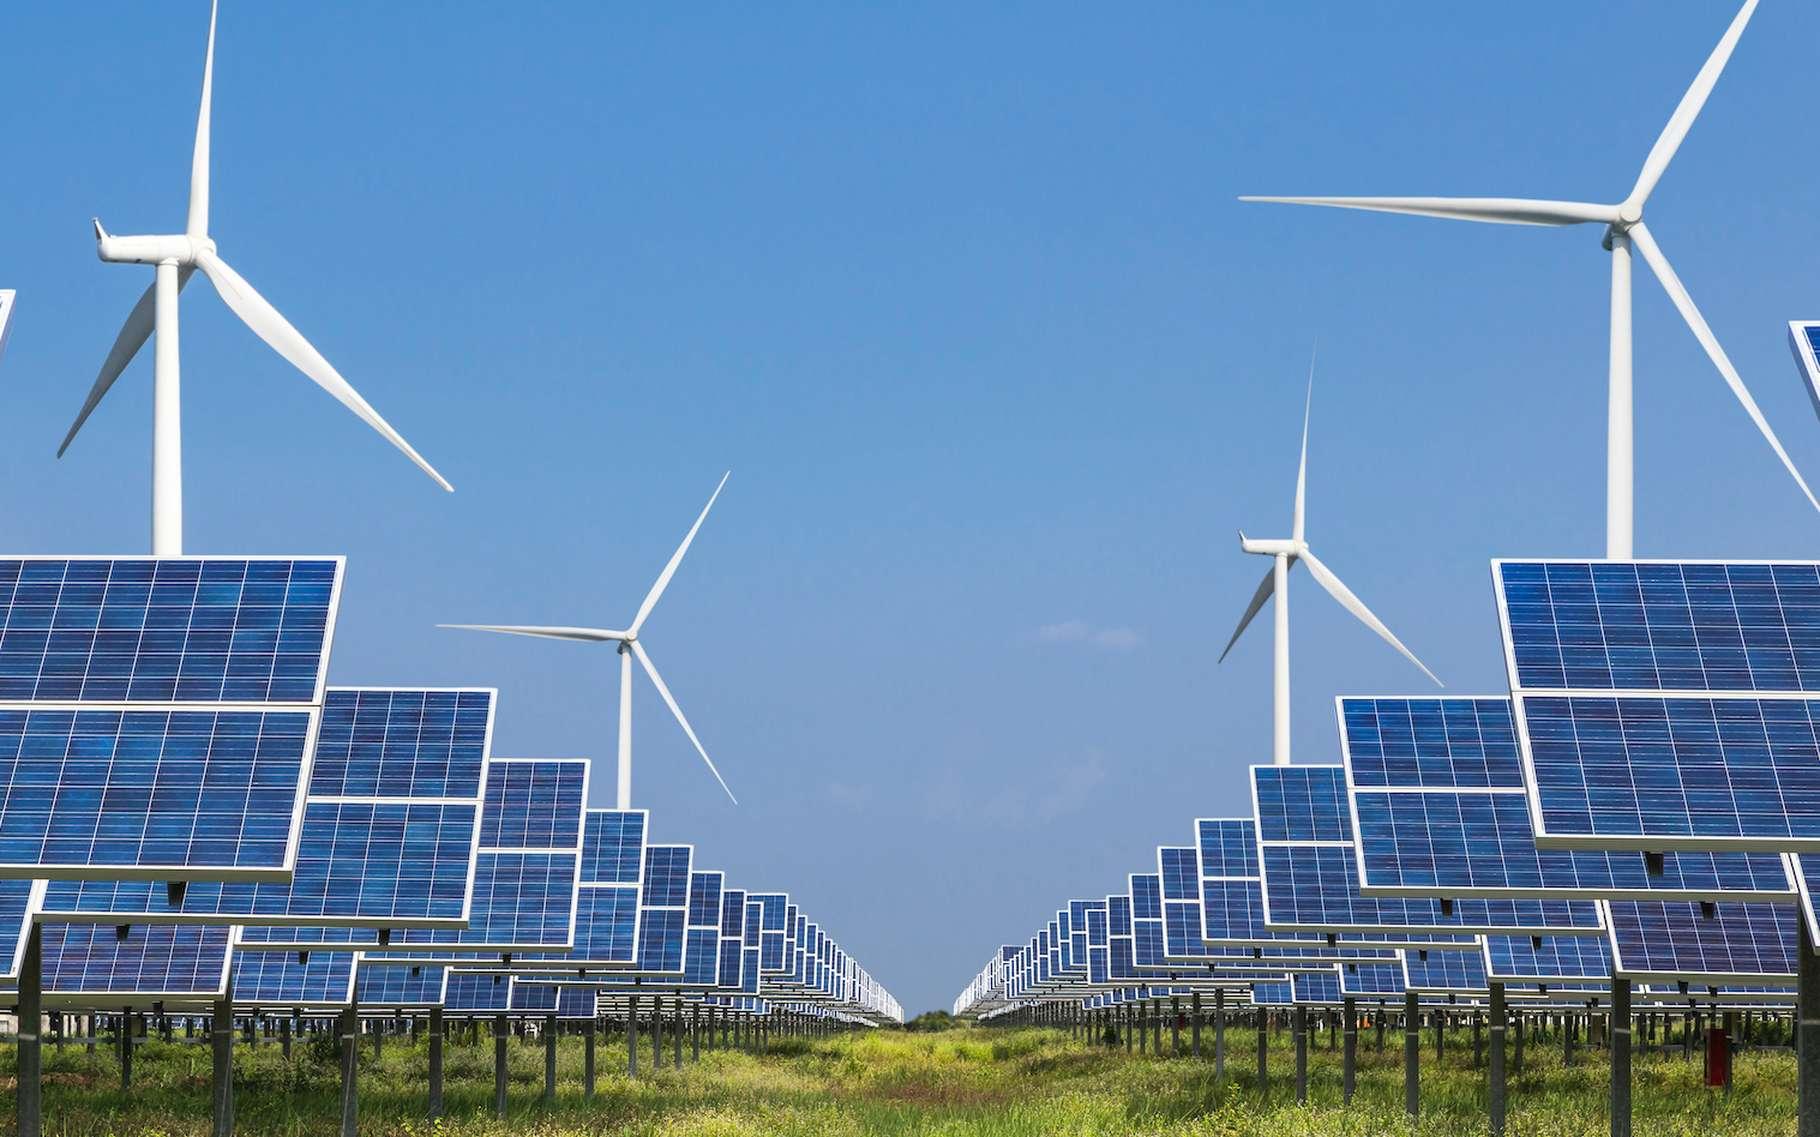 En 2019, c'est notamment le recours aux énergies renouvelables qui a permis de limiter les émissions de CO2 liées à la production d'énergie. © Soonthorn, Adobe Stock